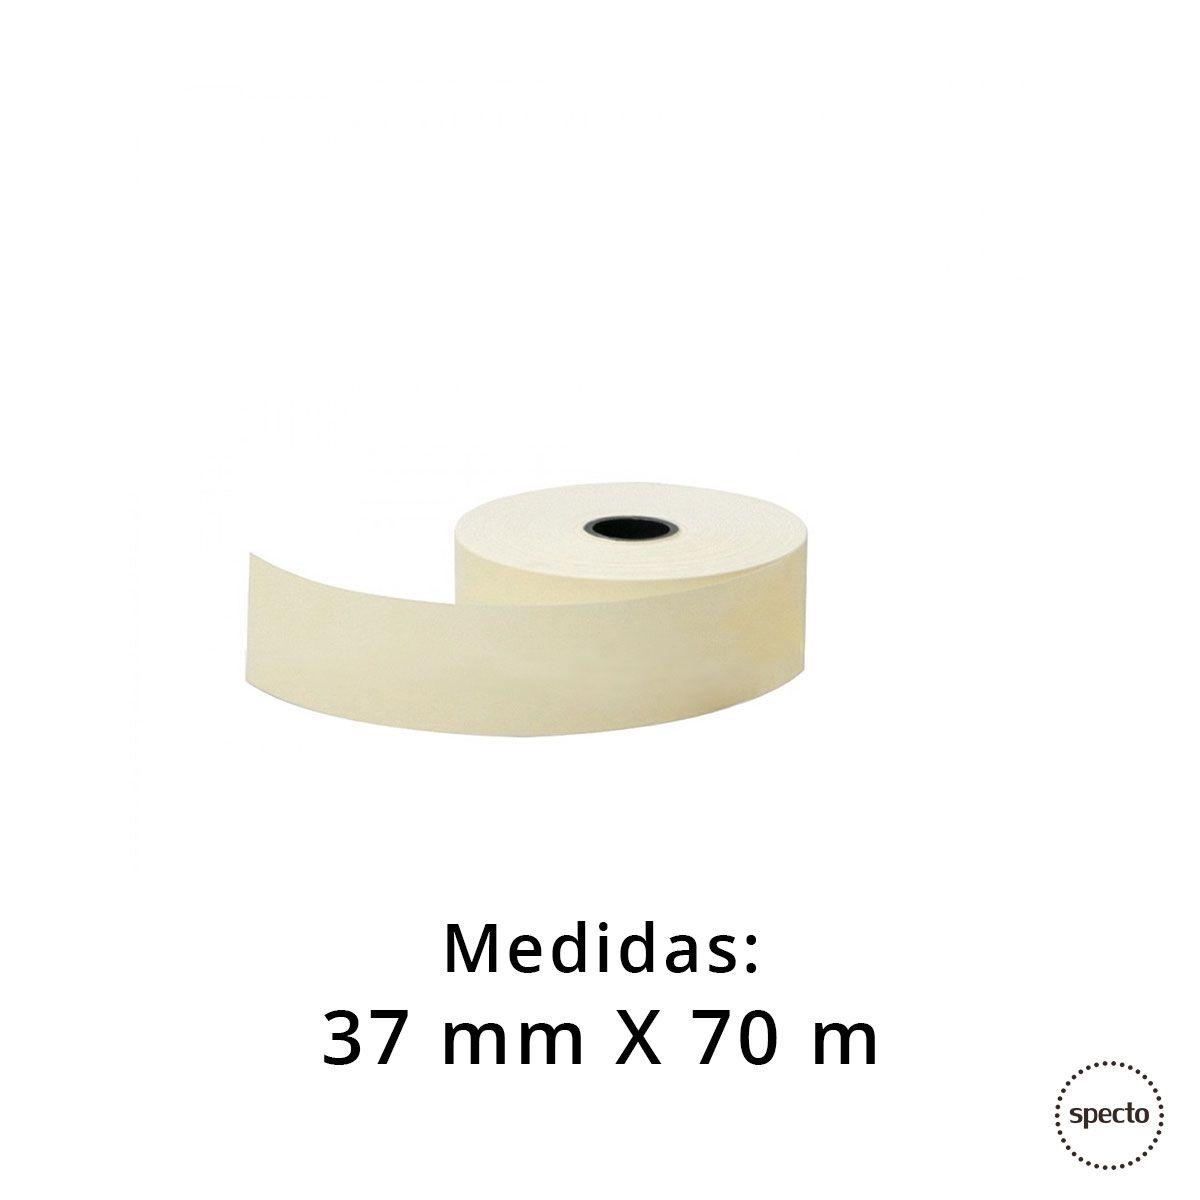 Bobina Térmica 37 mm x 70 m  -  Specto Tecnologia